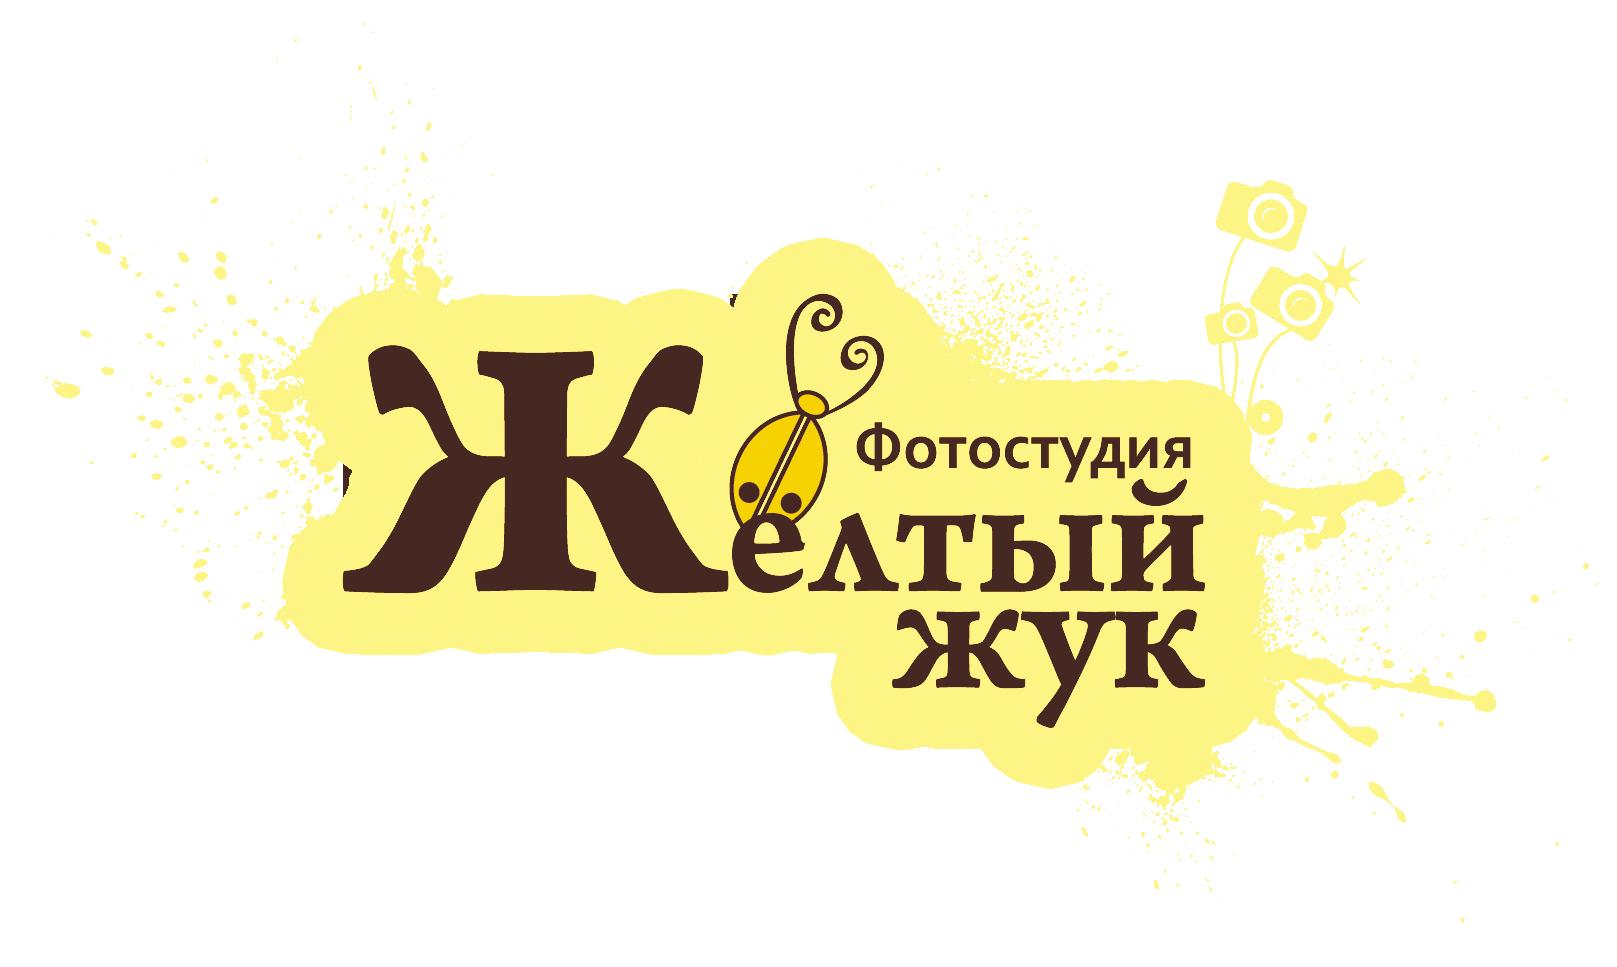 фотосалон желтый жук в мурманске отверстие рекомендуется устраивать